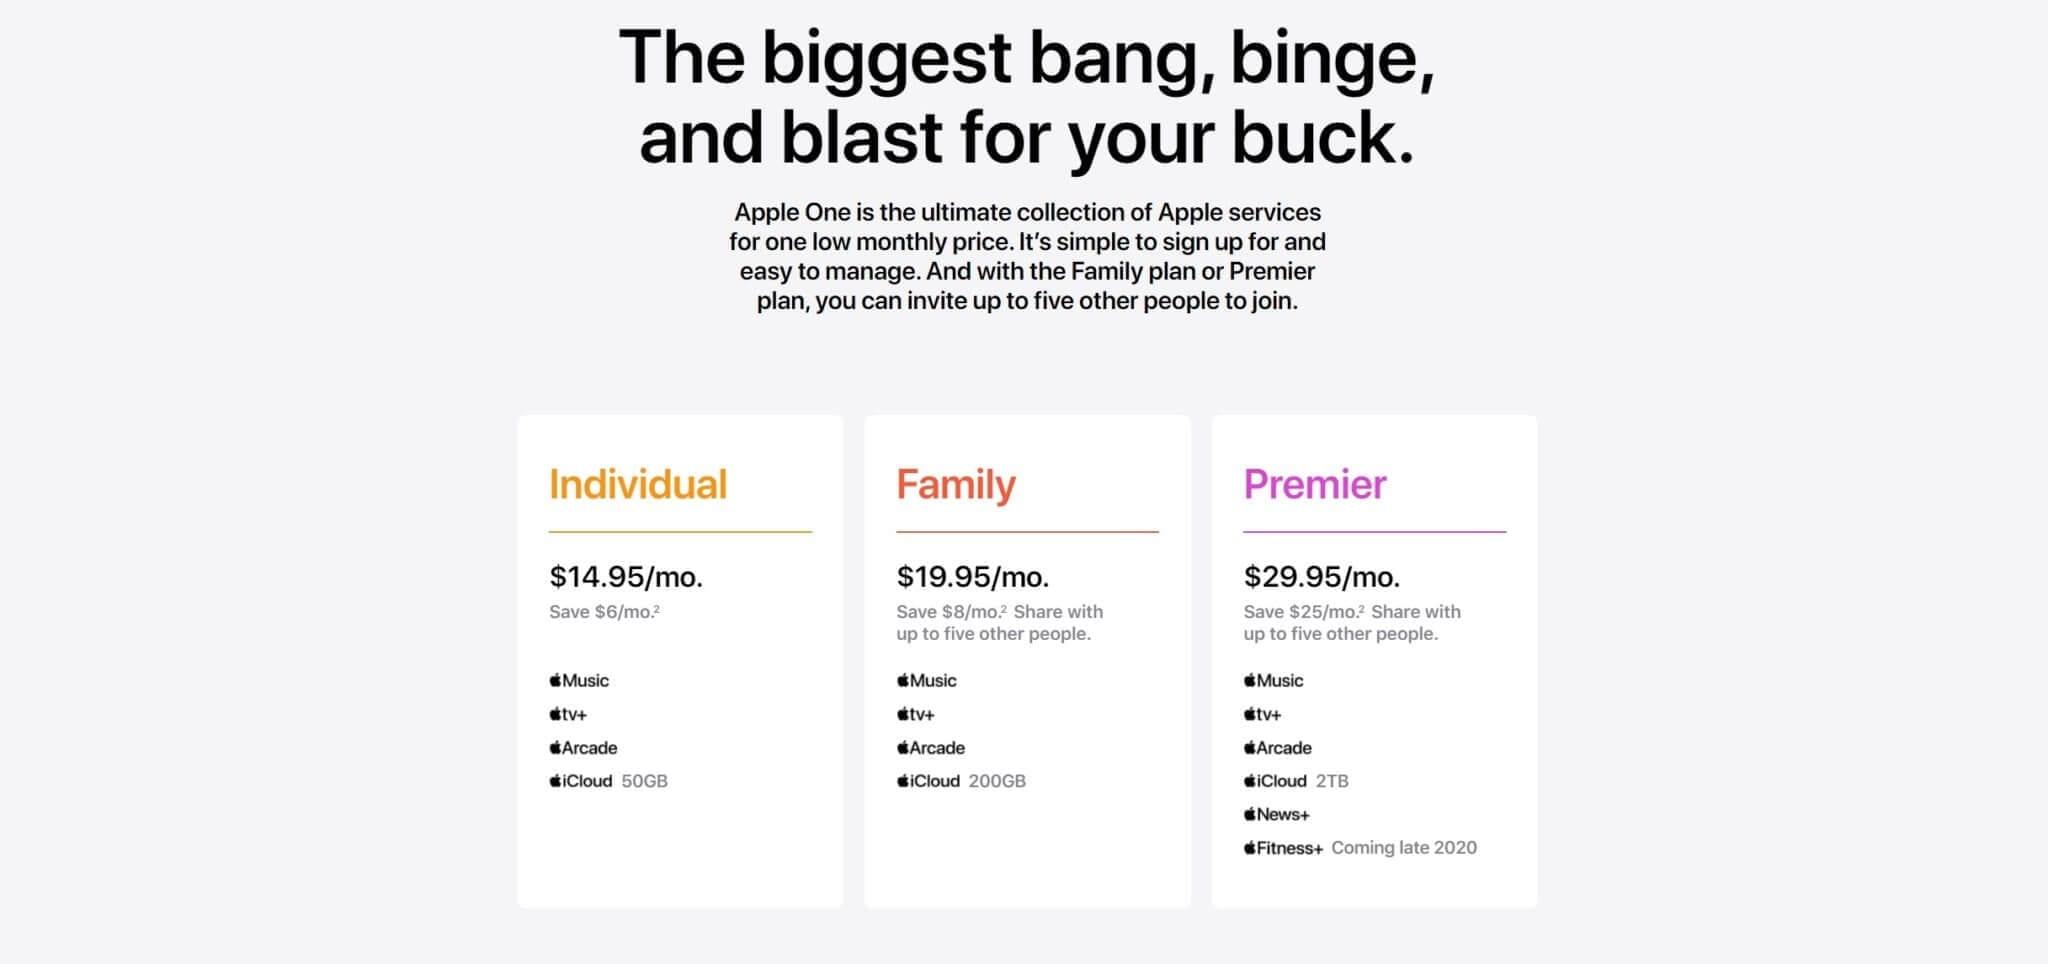 התוכניות והמחירים של Apple One